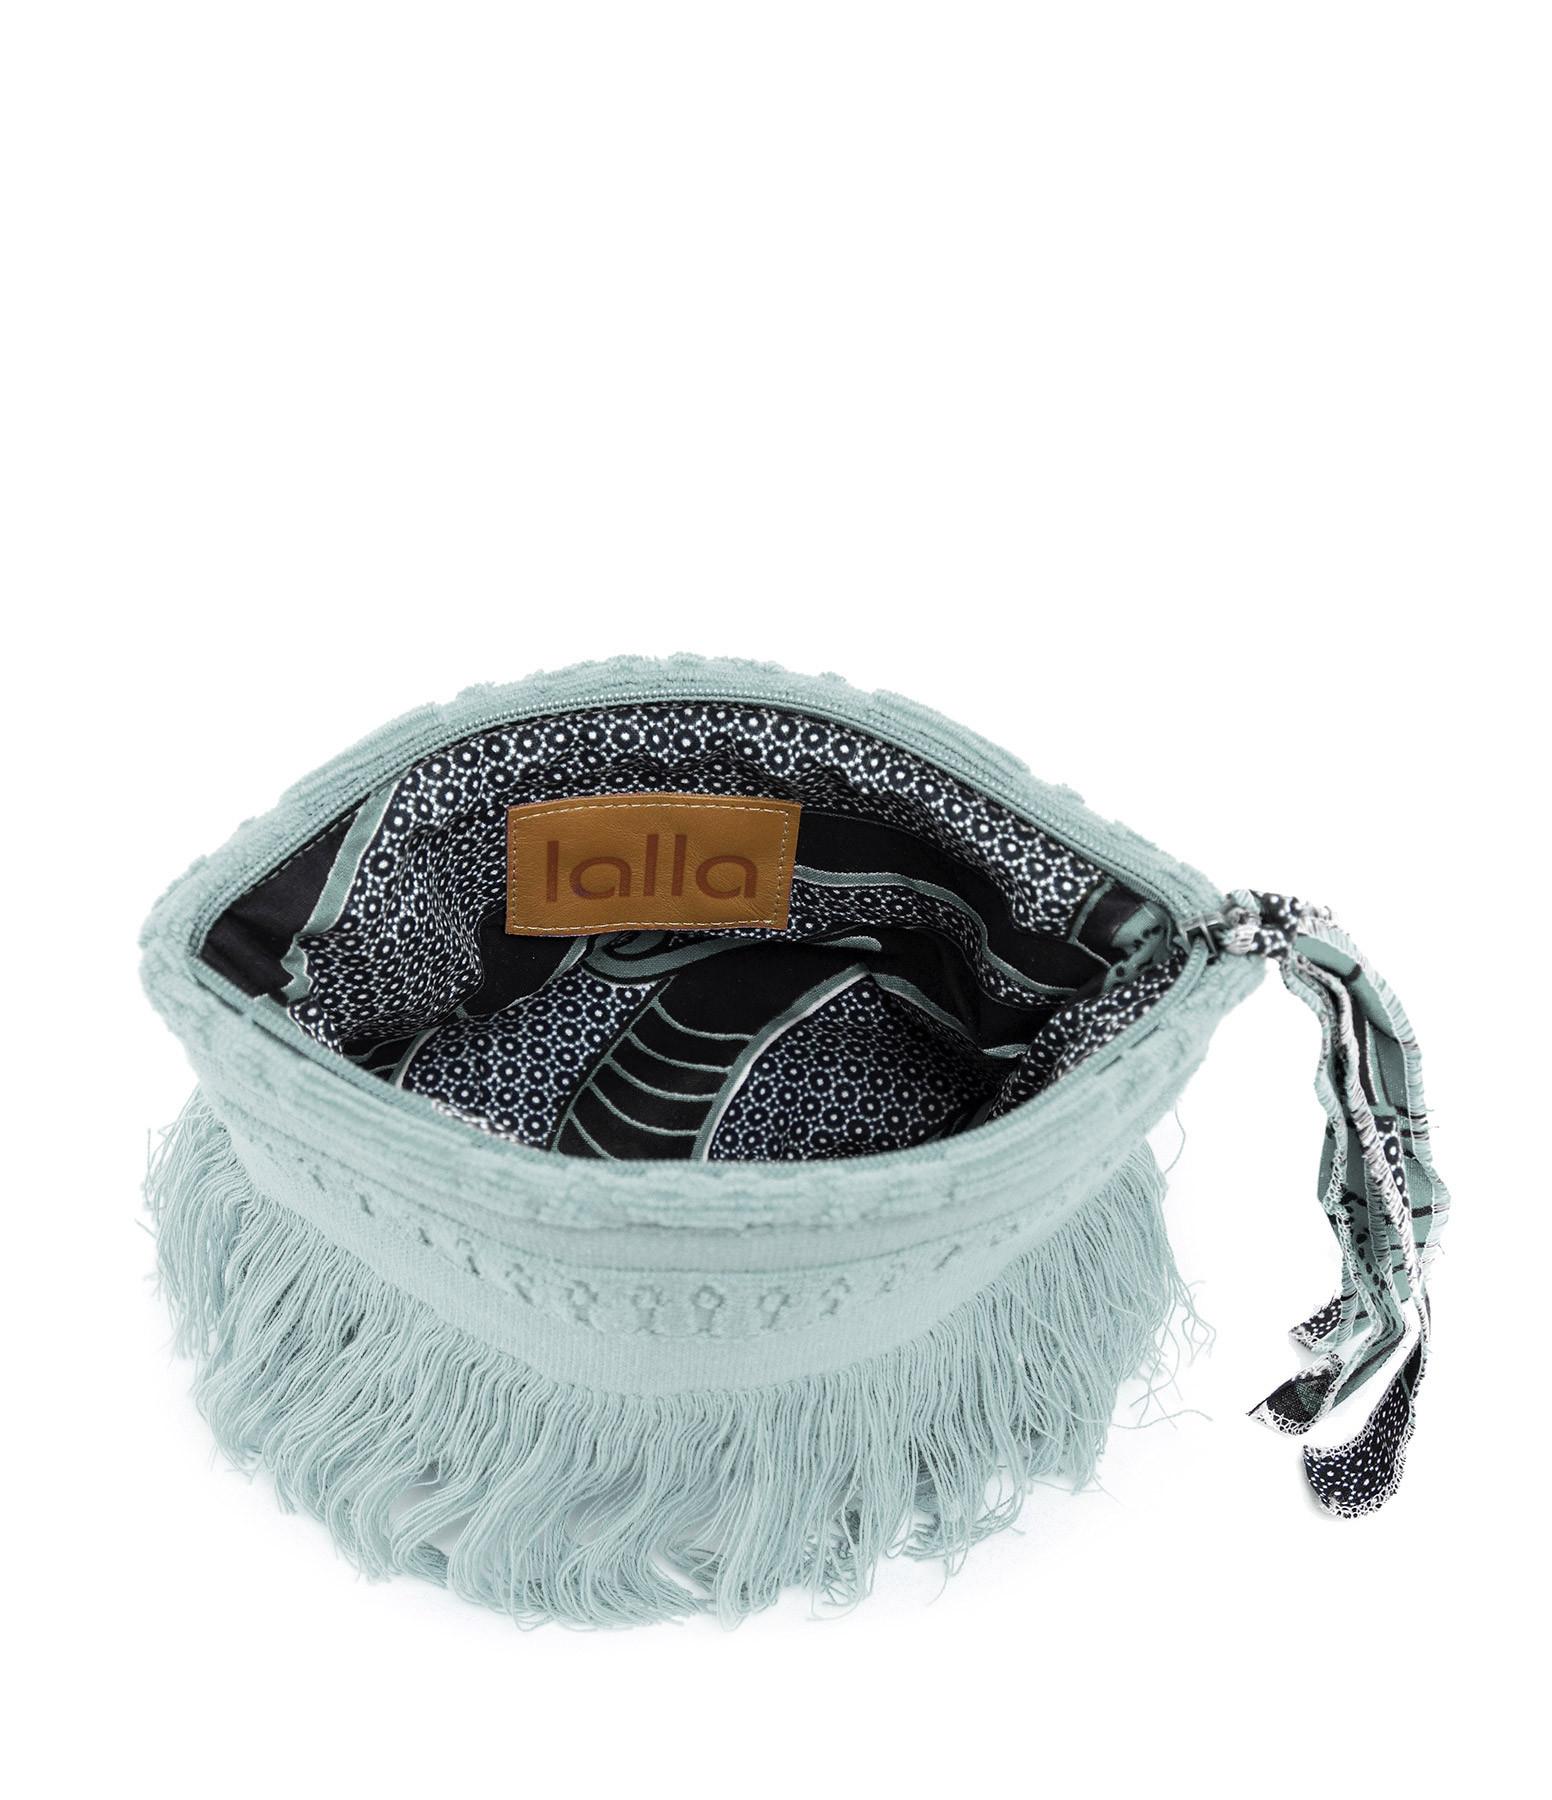 LALLA - Petite Trousse Walakin Hippie Éponge Bleu Gris